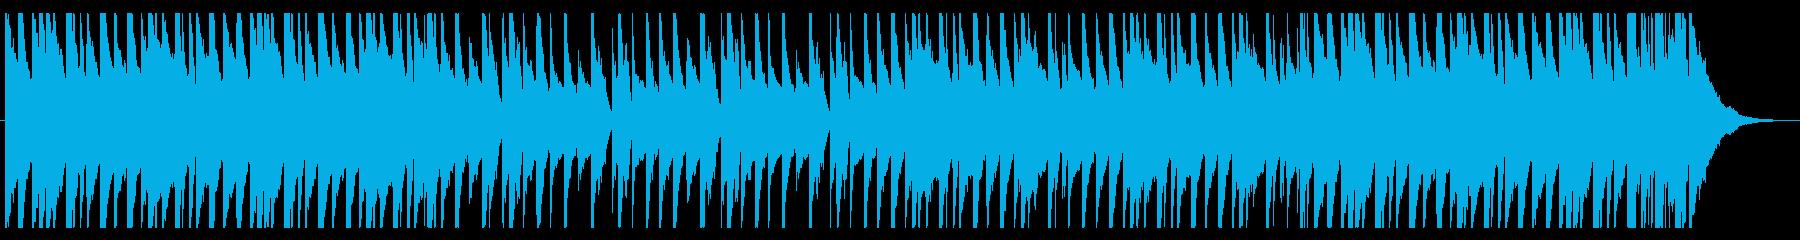 爽やかでポップなピアノの再生済みの波形